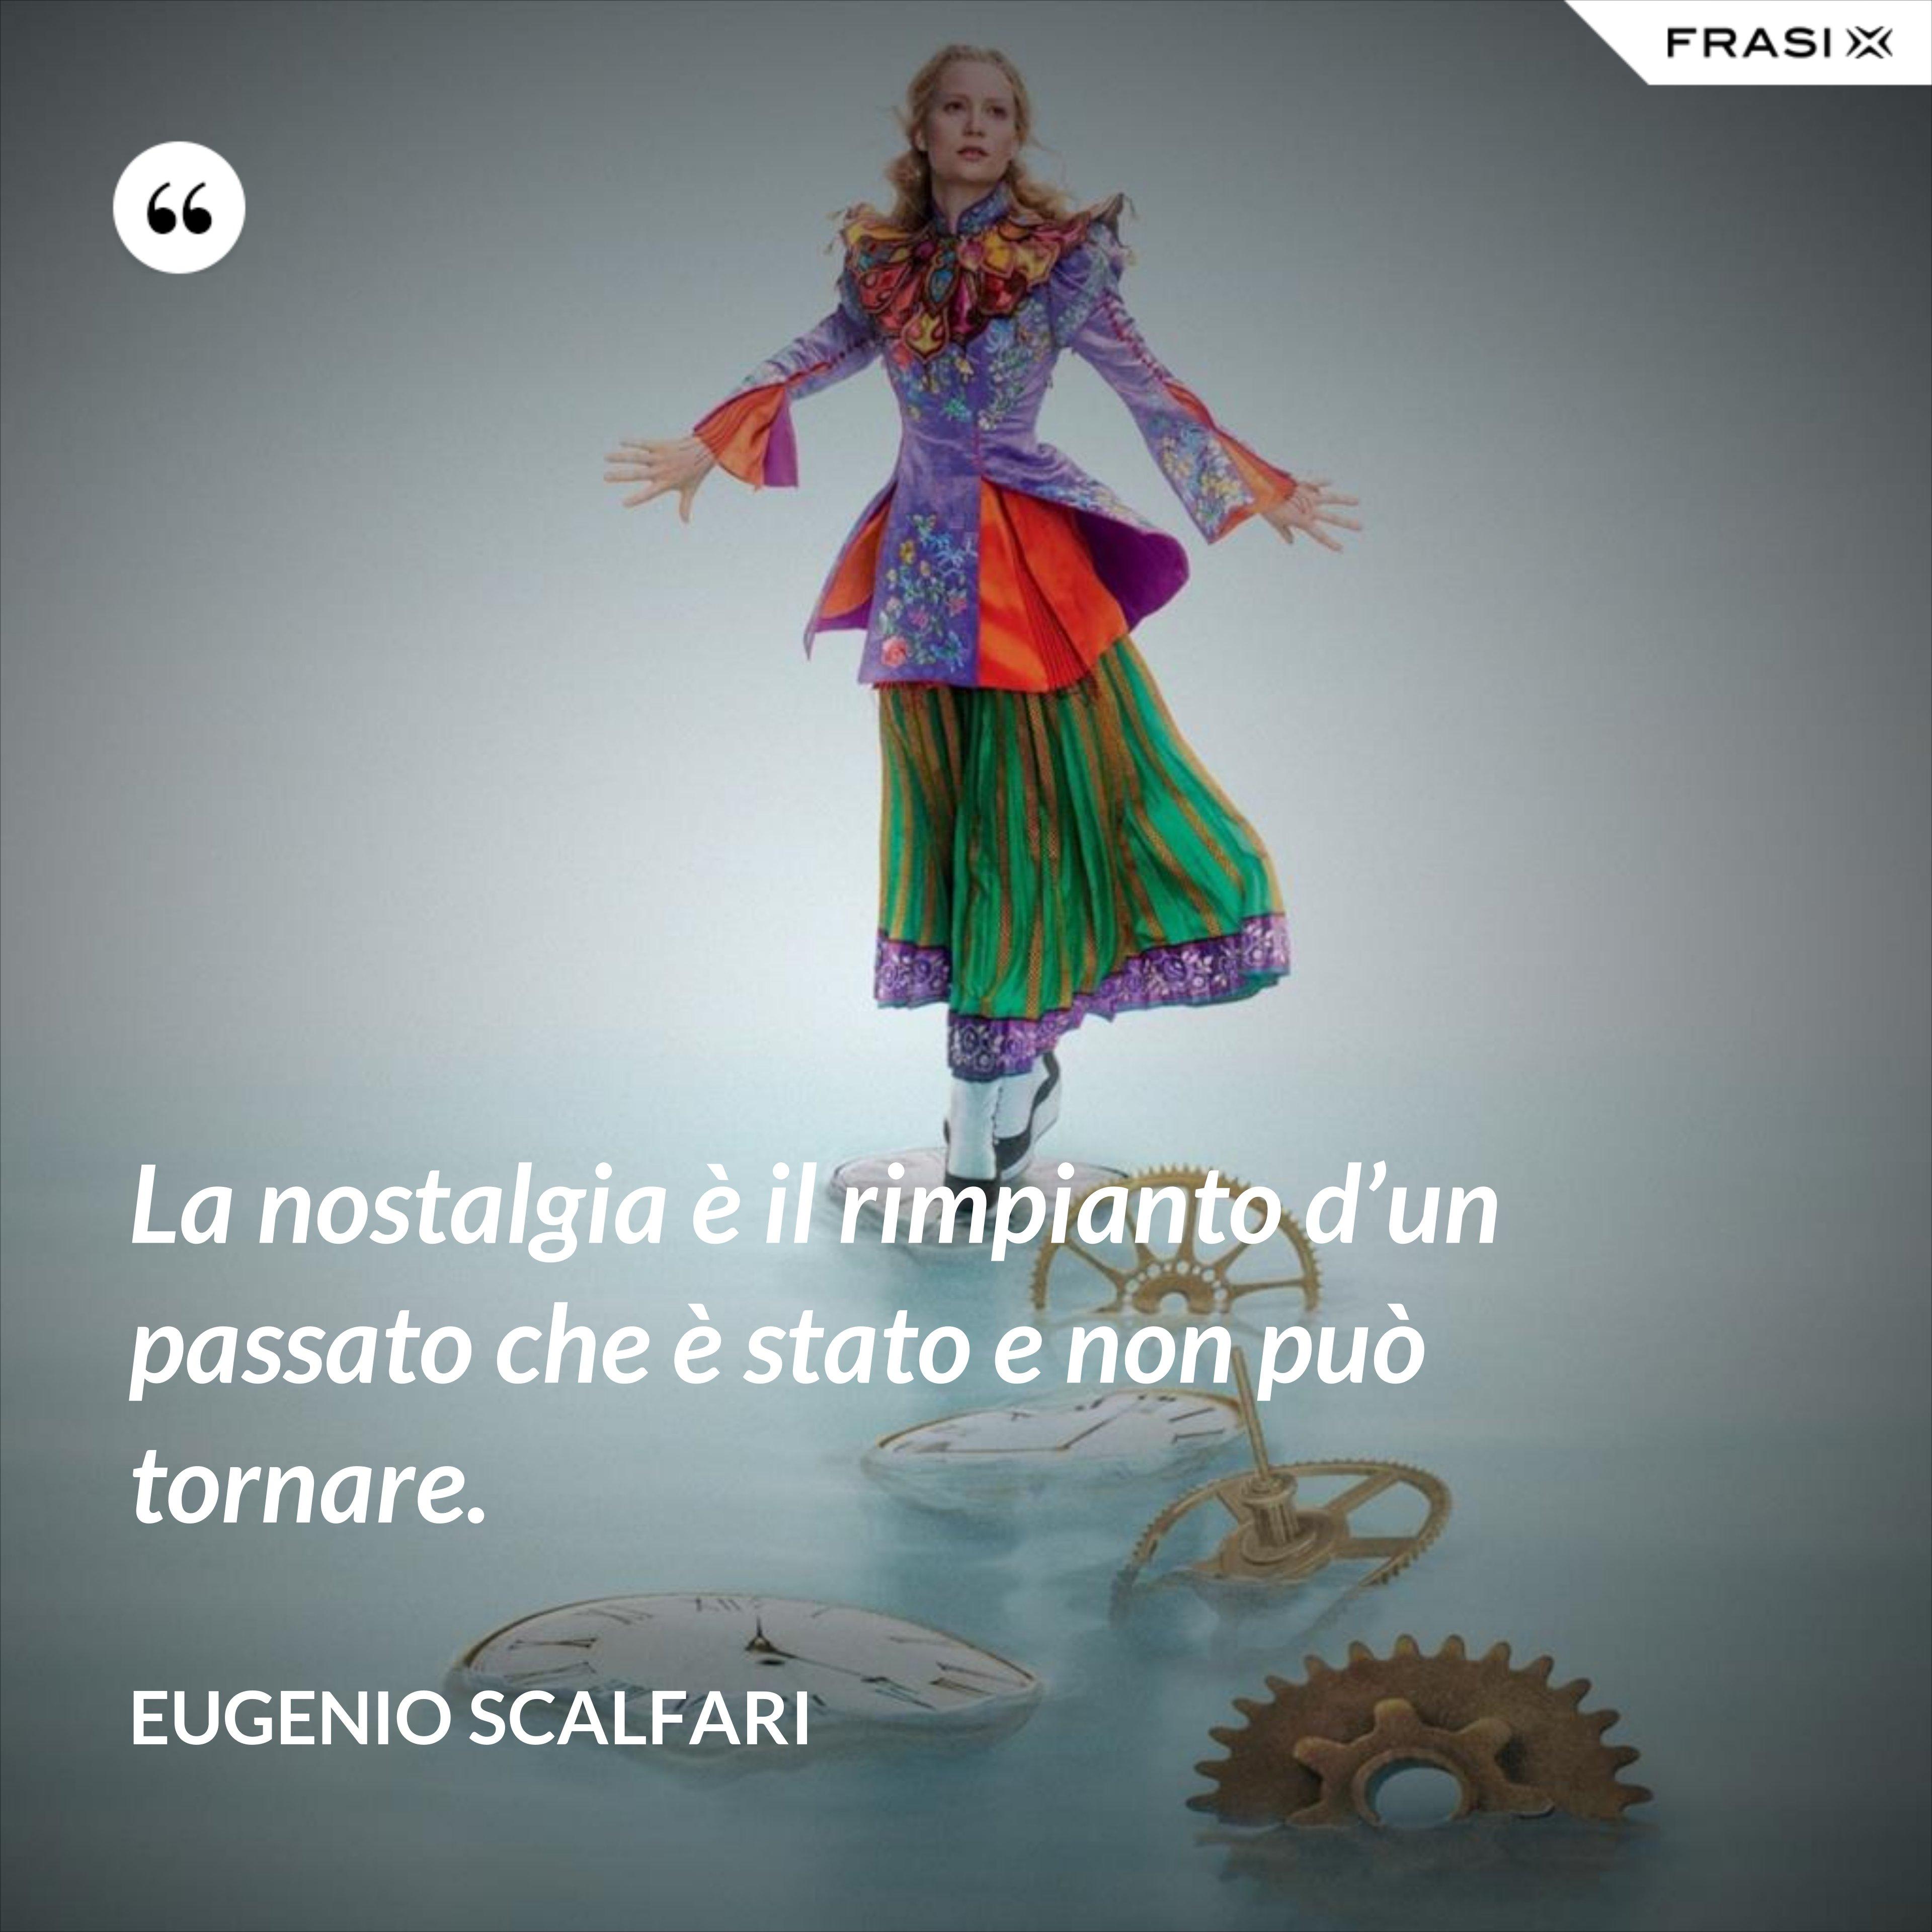 La nostalgia è il rimpianto d'un passato che è stato e non può tornare. - Eugenio Scalfari